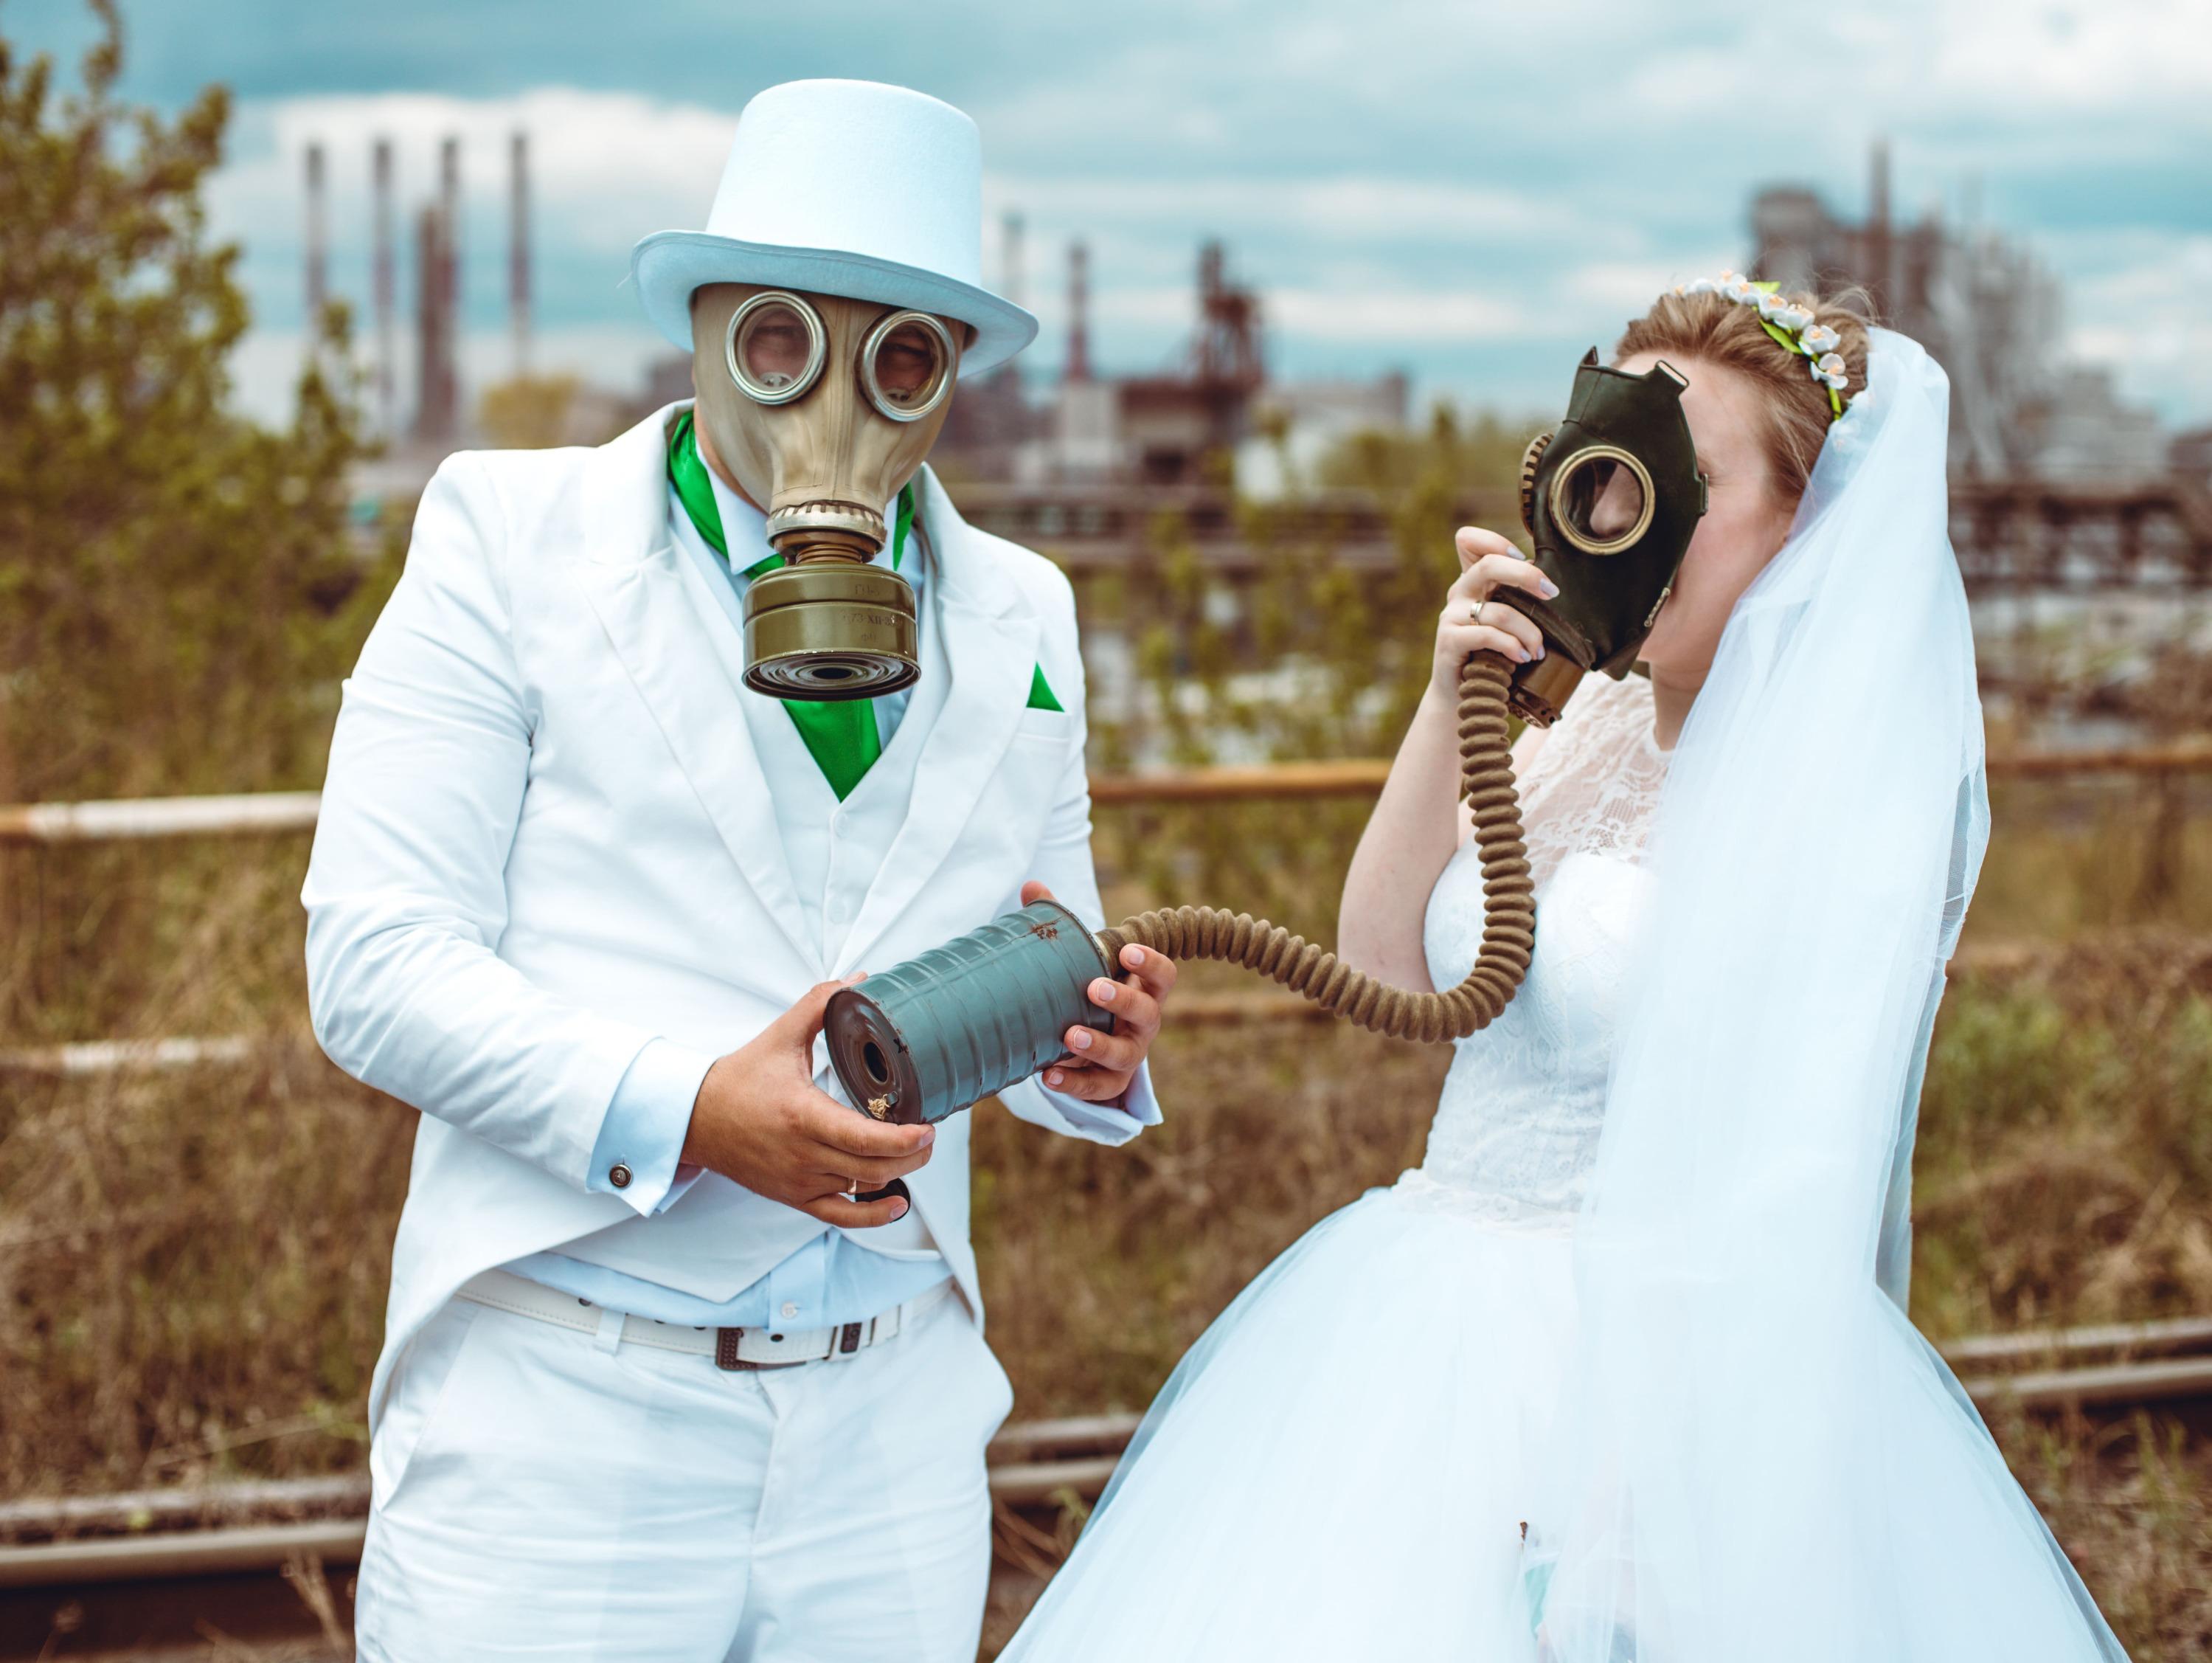 посещения странные свадебные пары фото была легком